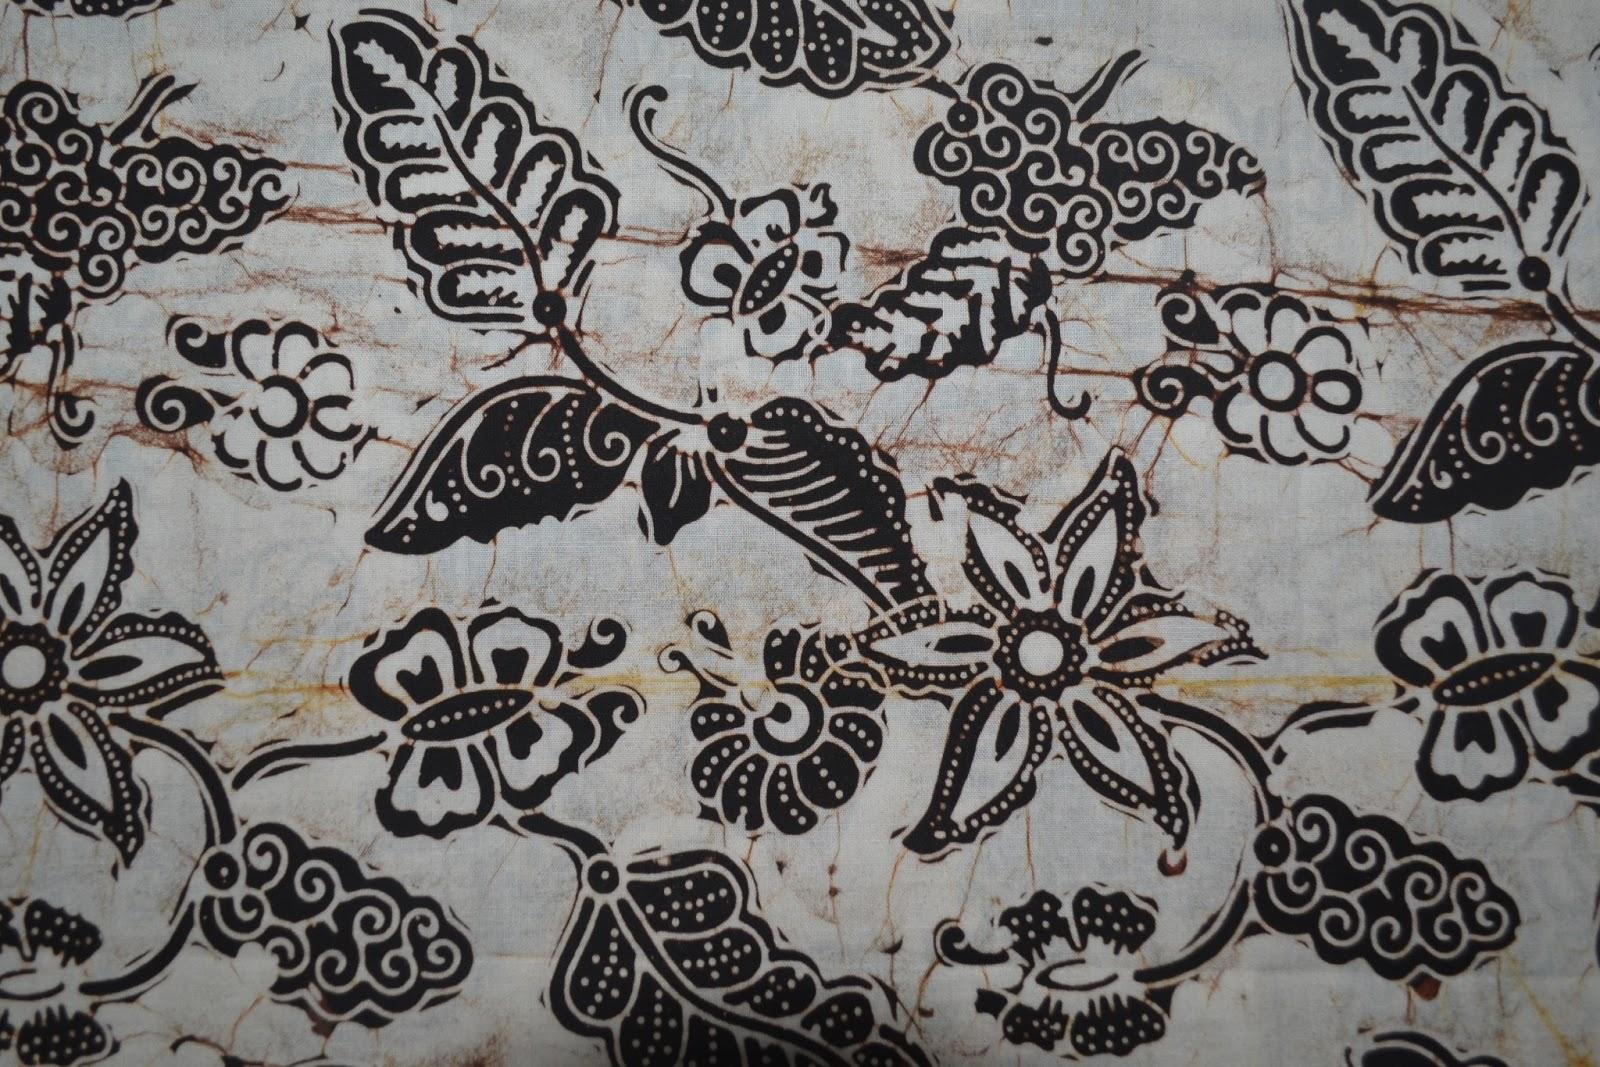 Kumpulan Gambar Sketsa Batik Campuran